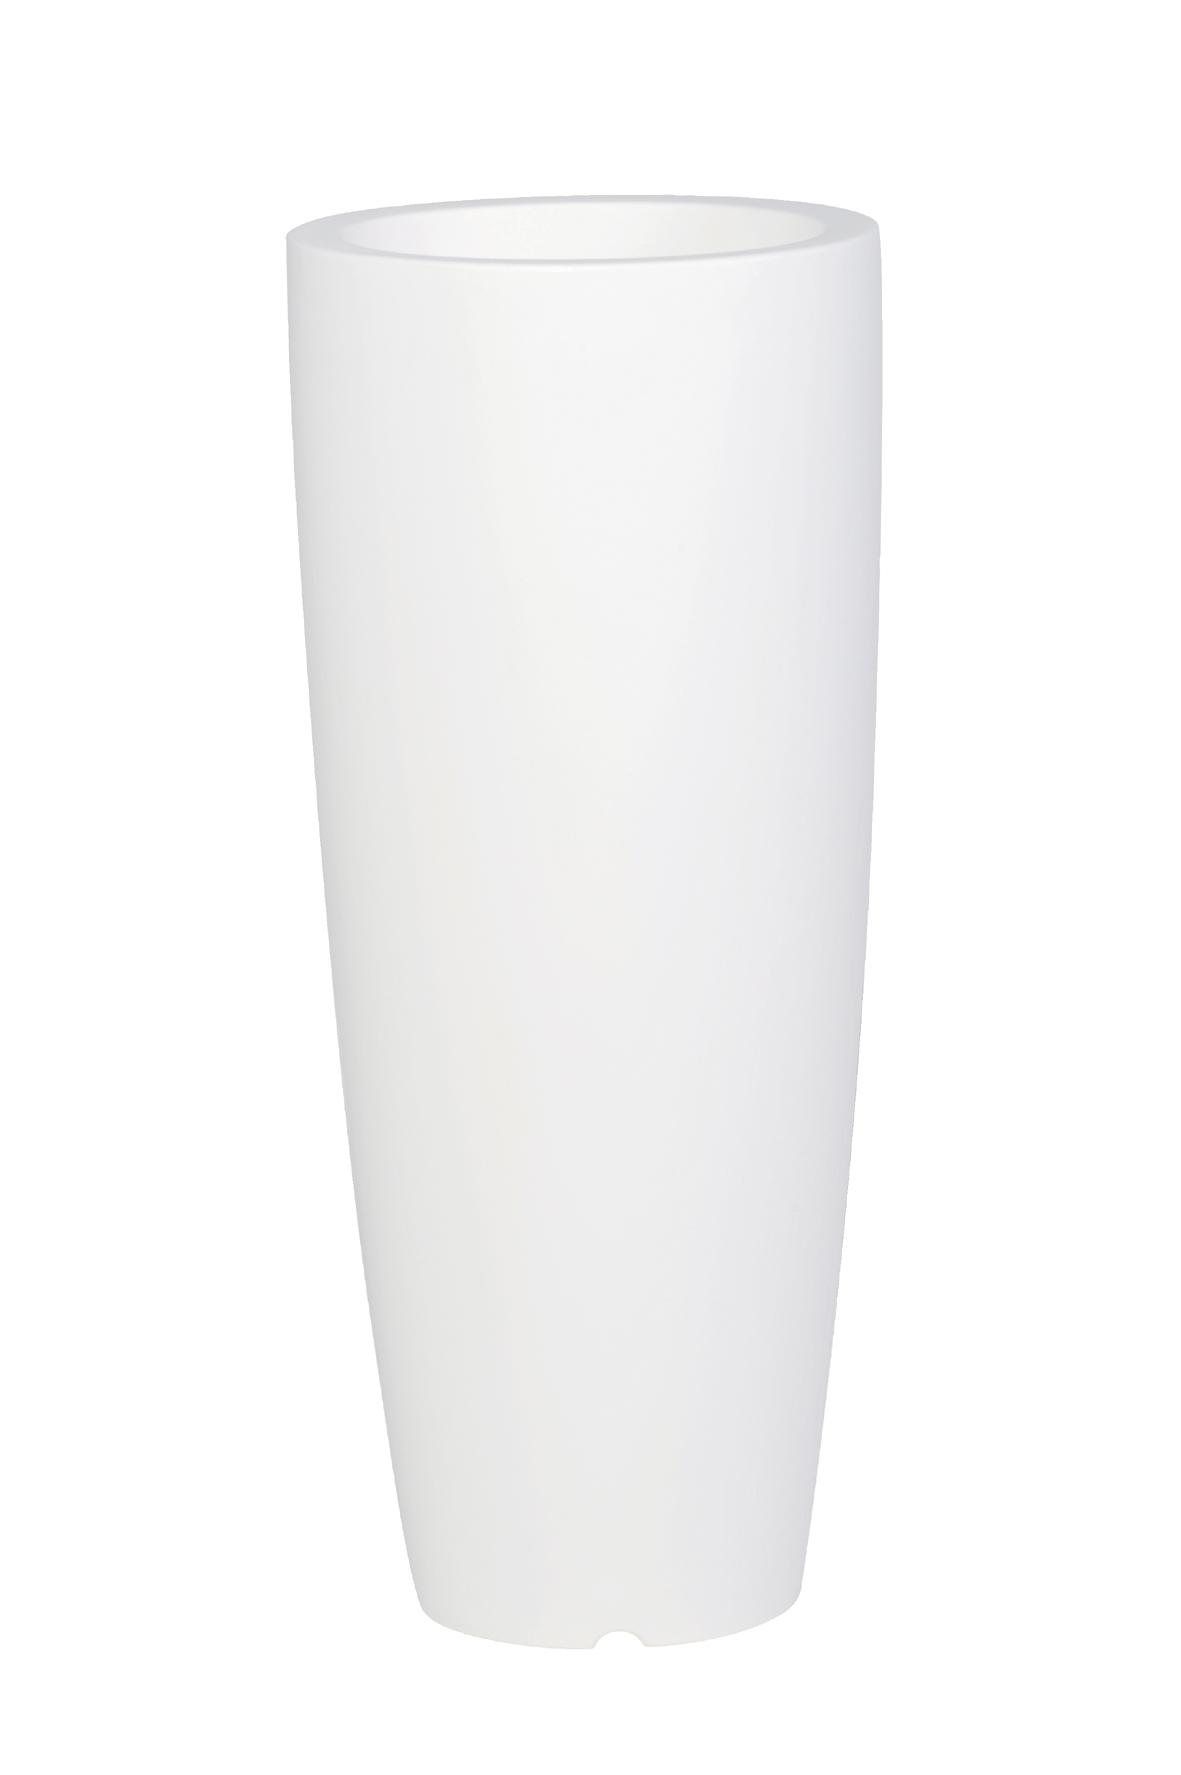 pot de fleur design coloris blanc